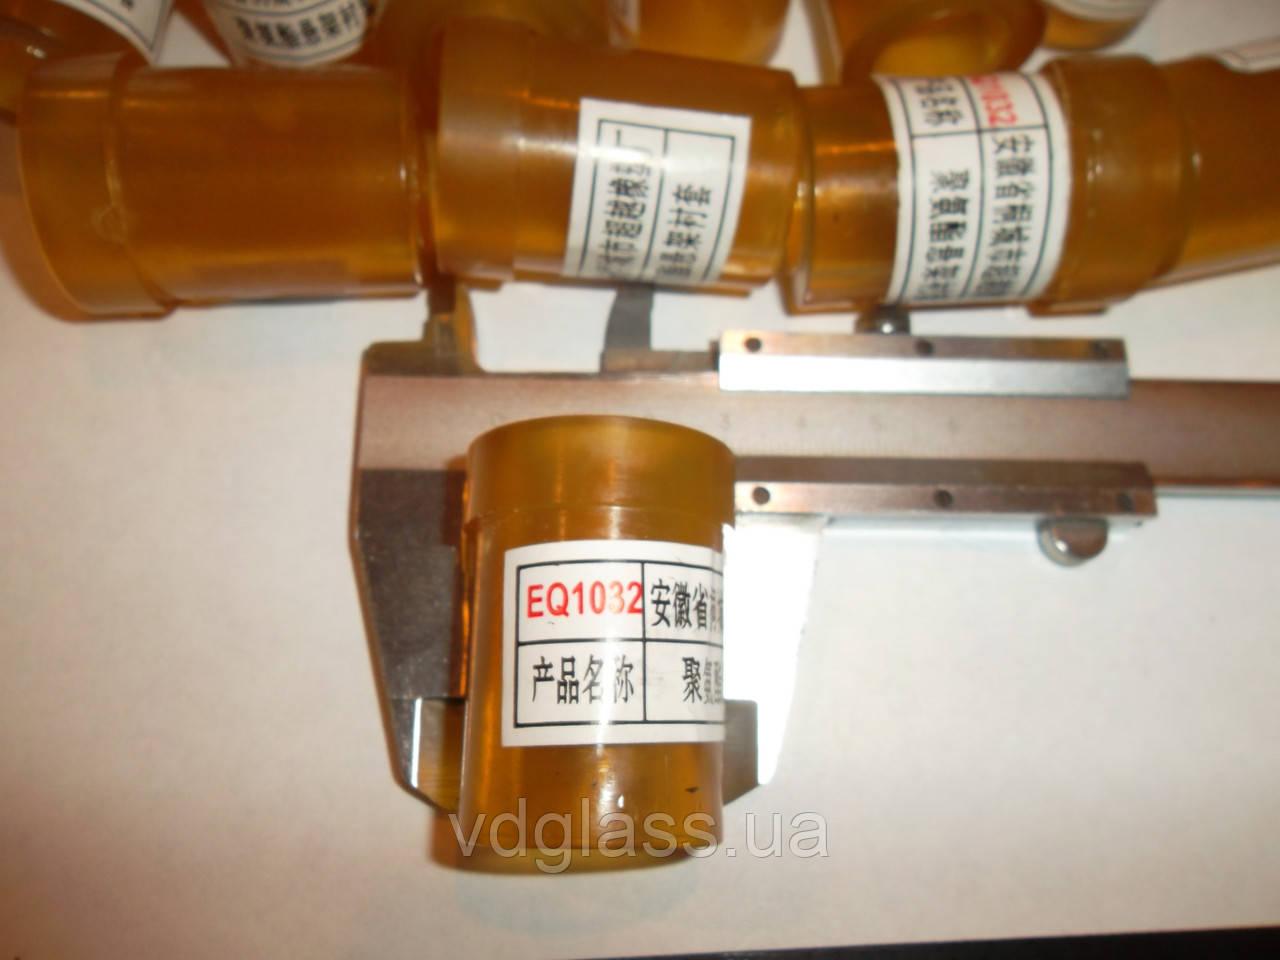 Втулка передней рессоры Dong Feng 1032, DF 20